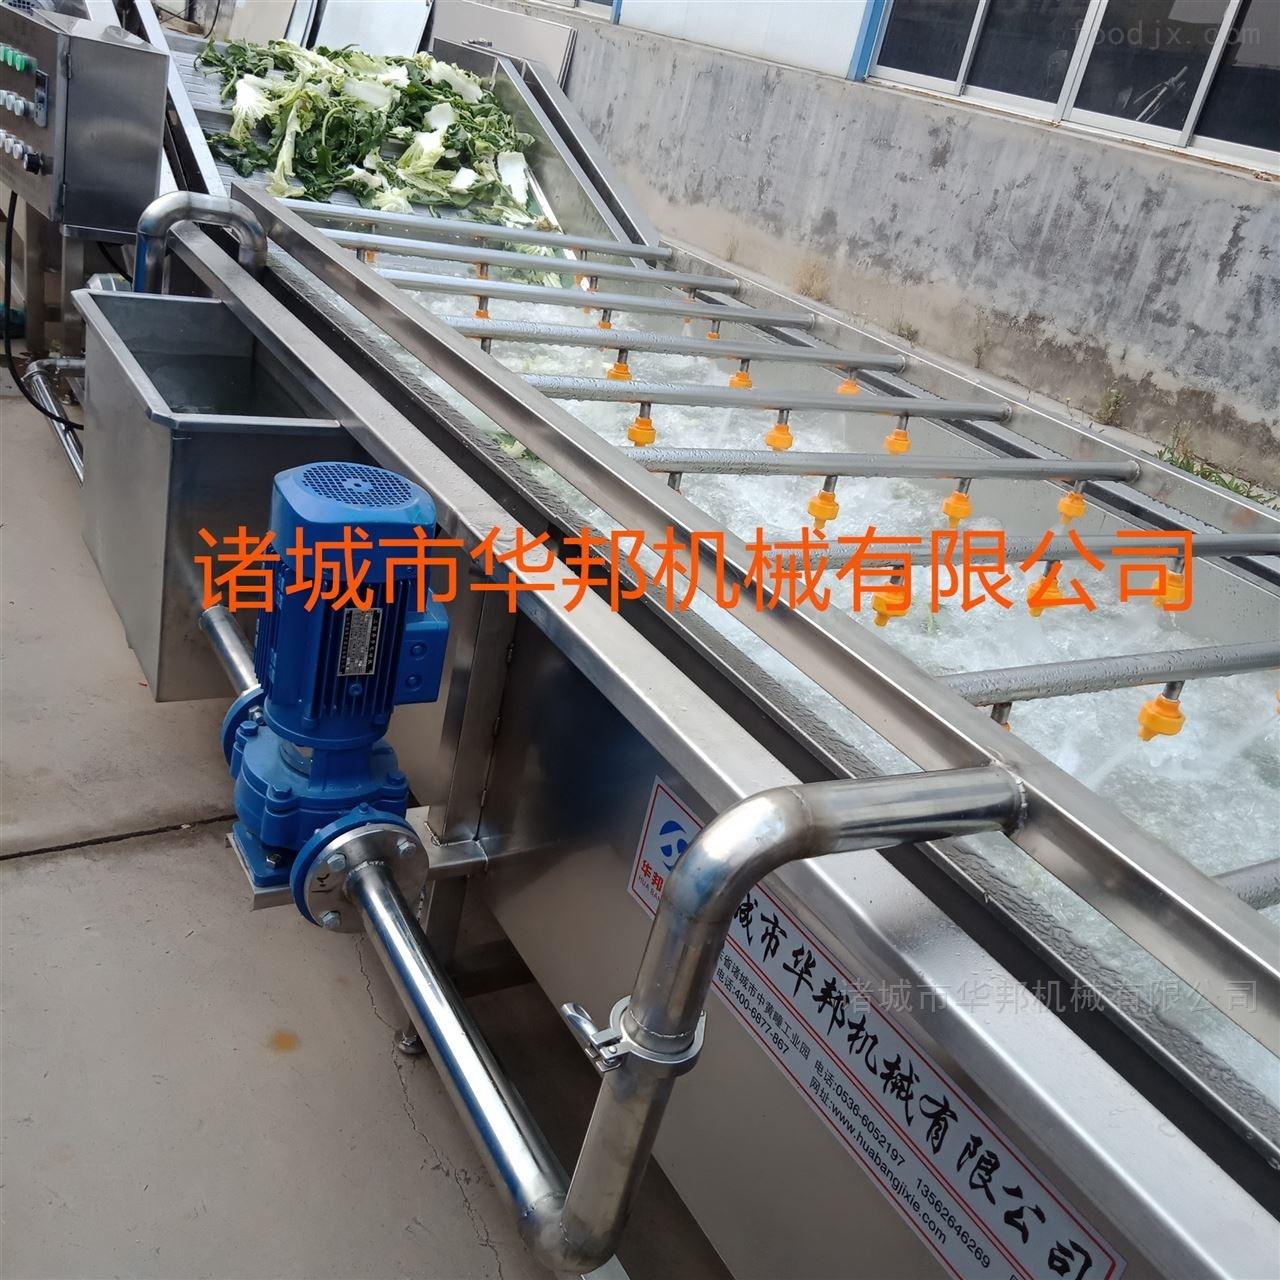 华邦净菜加工设备 果蔬清洗流水线的使用